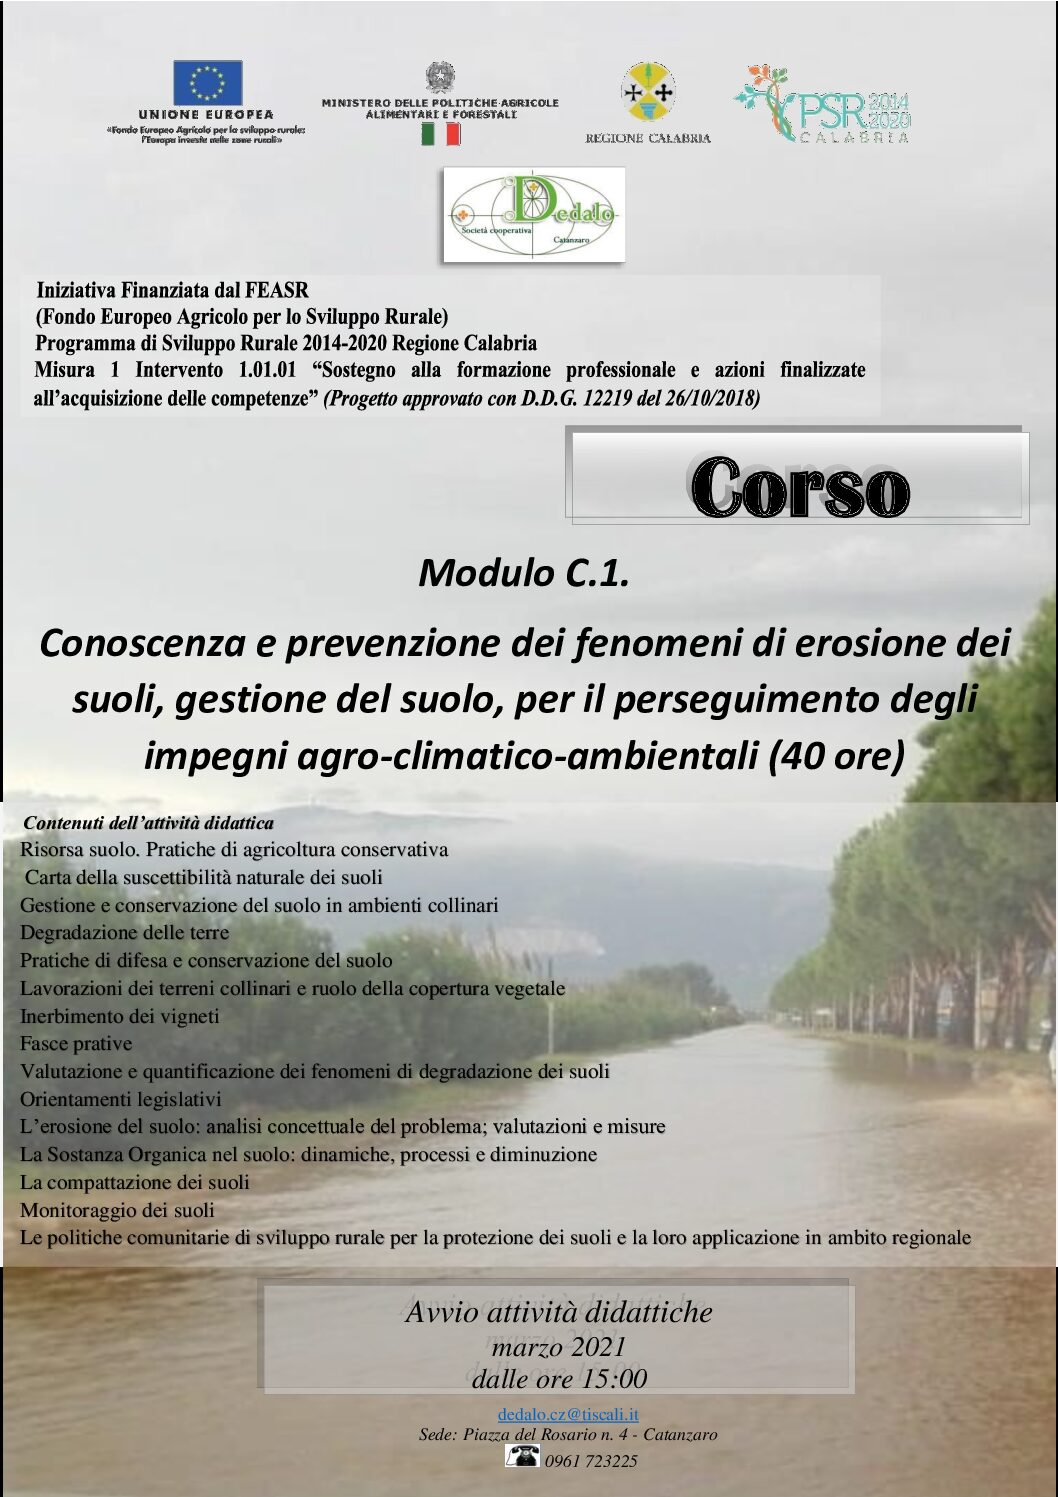 Corso. Conoscenza e prevenzione dei fenomeni di erosione (40 ore)